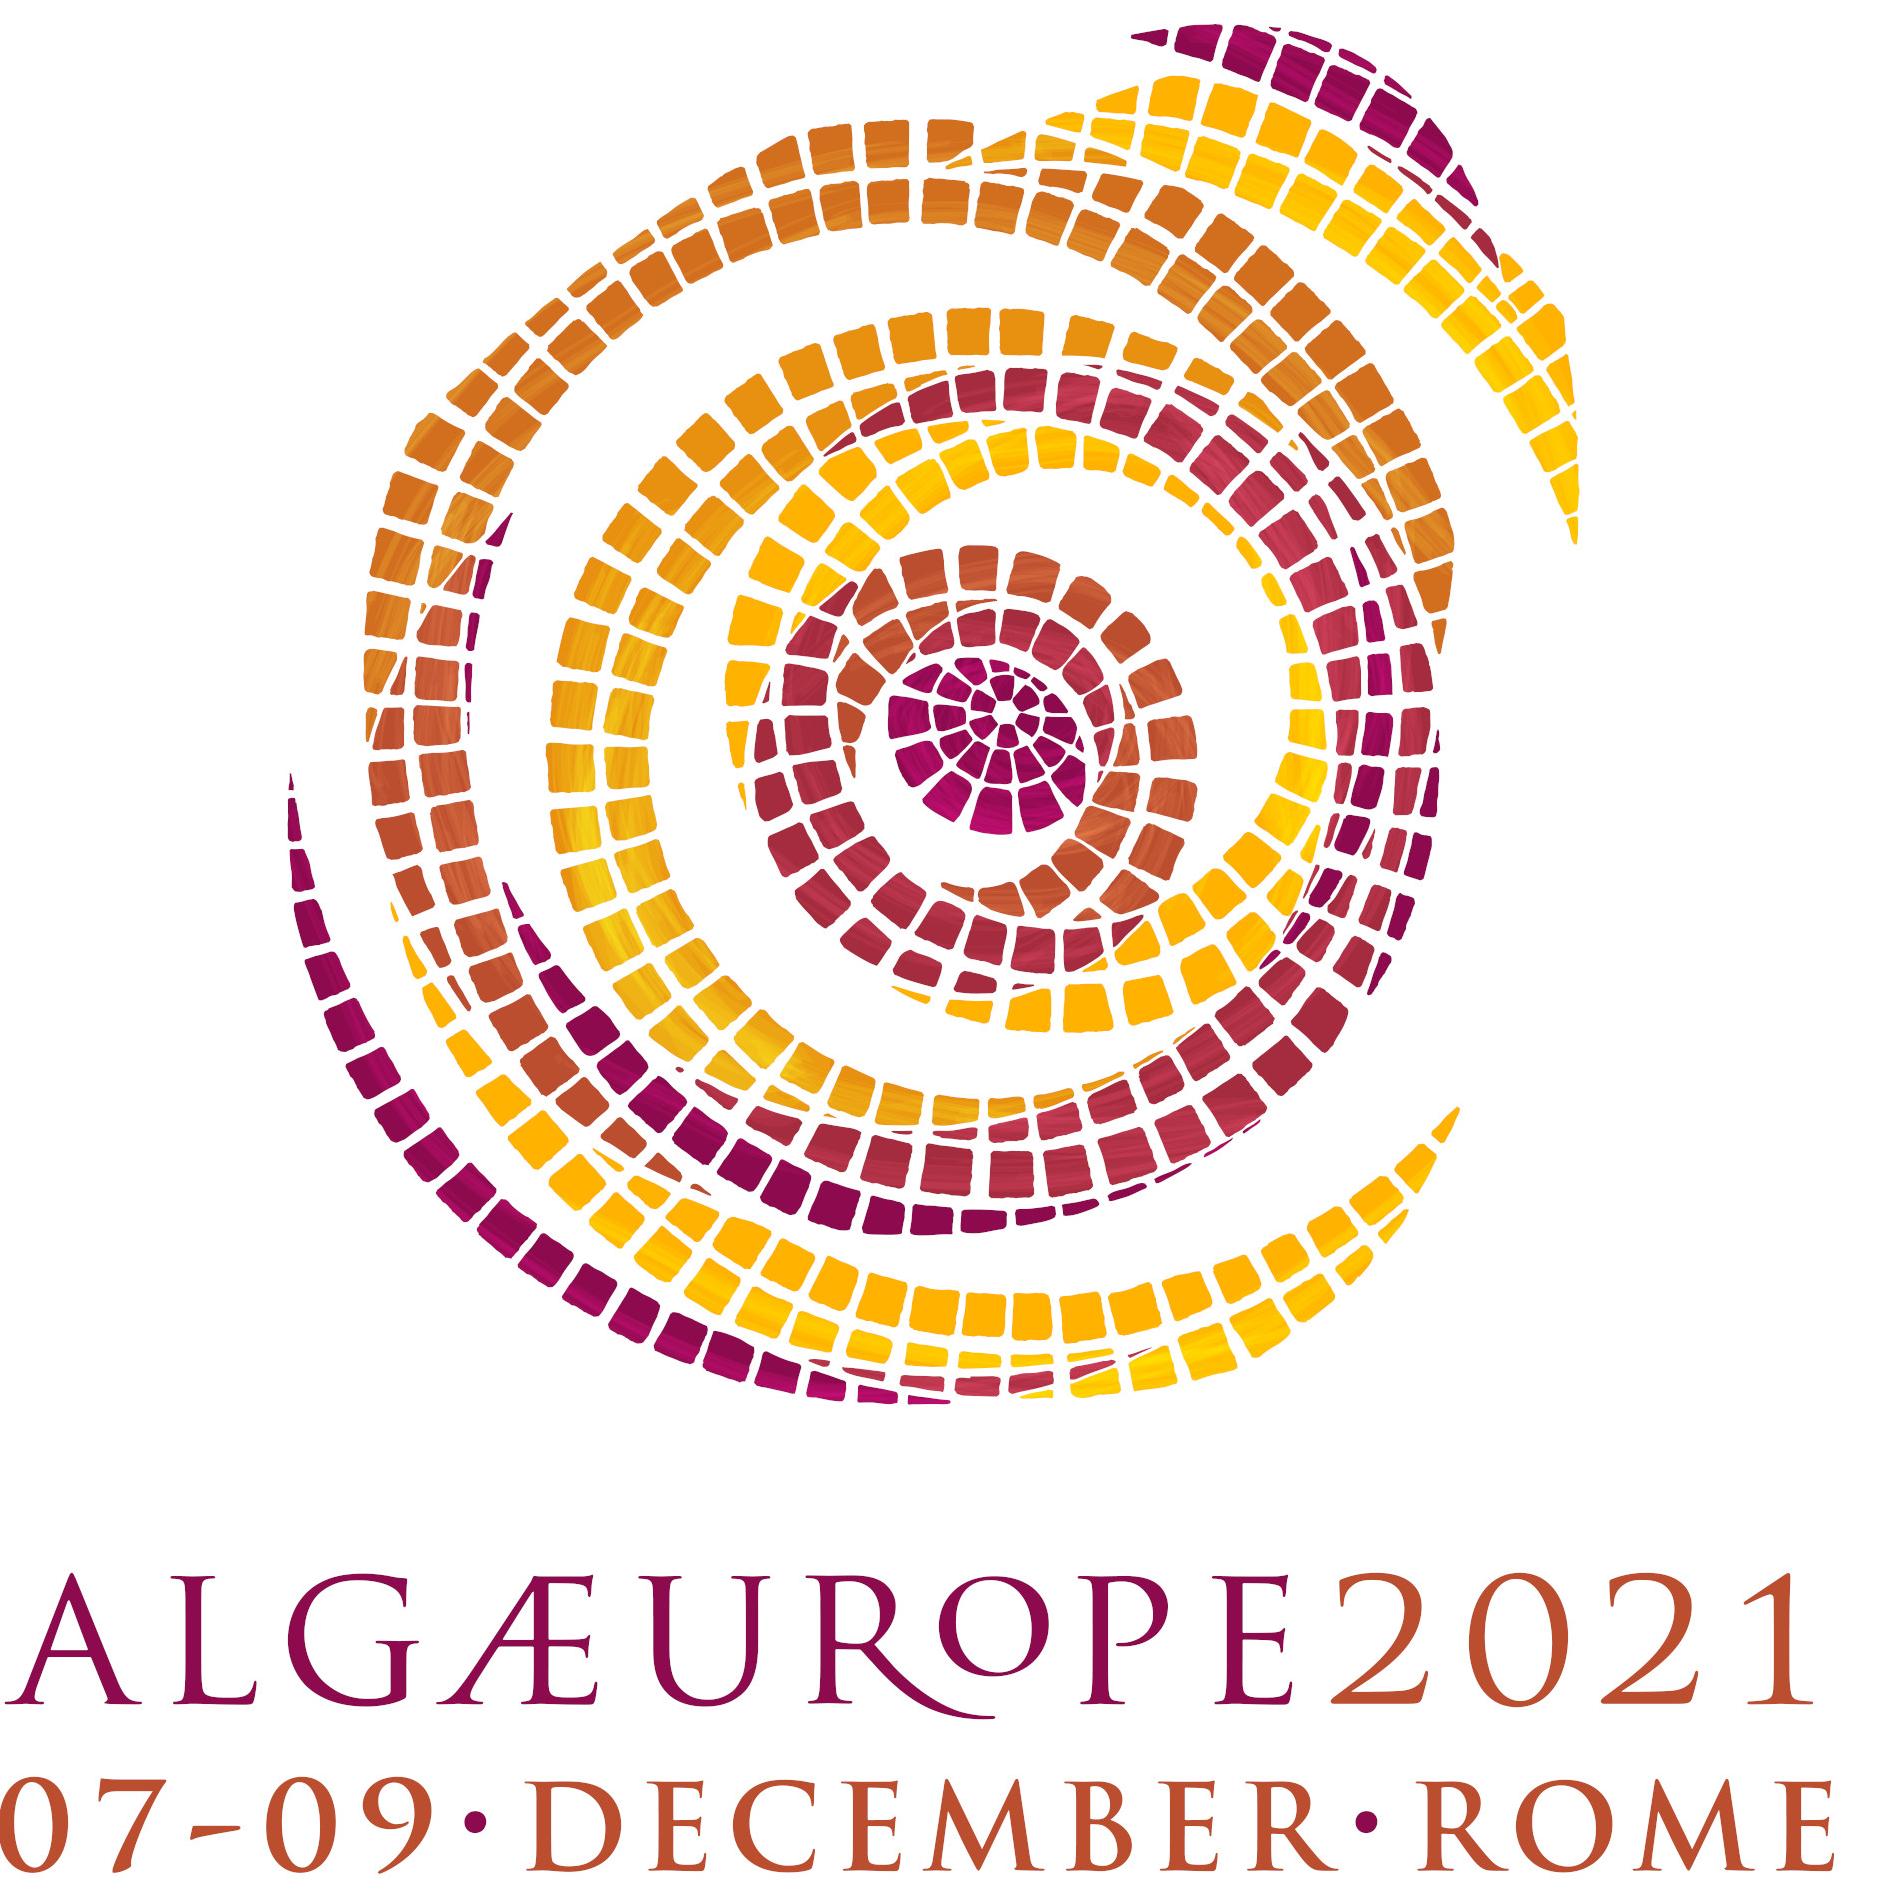 AlgaEurope 2021